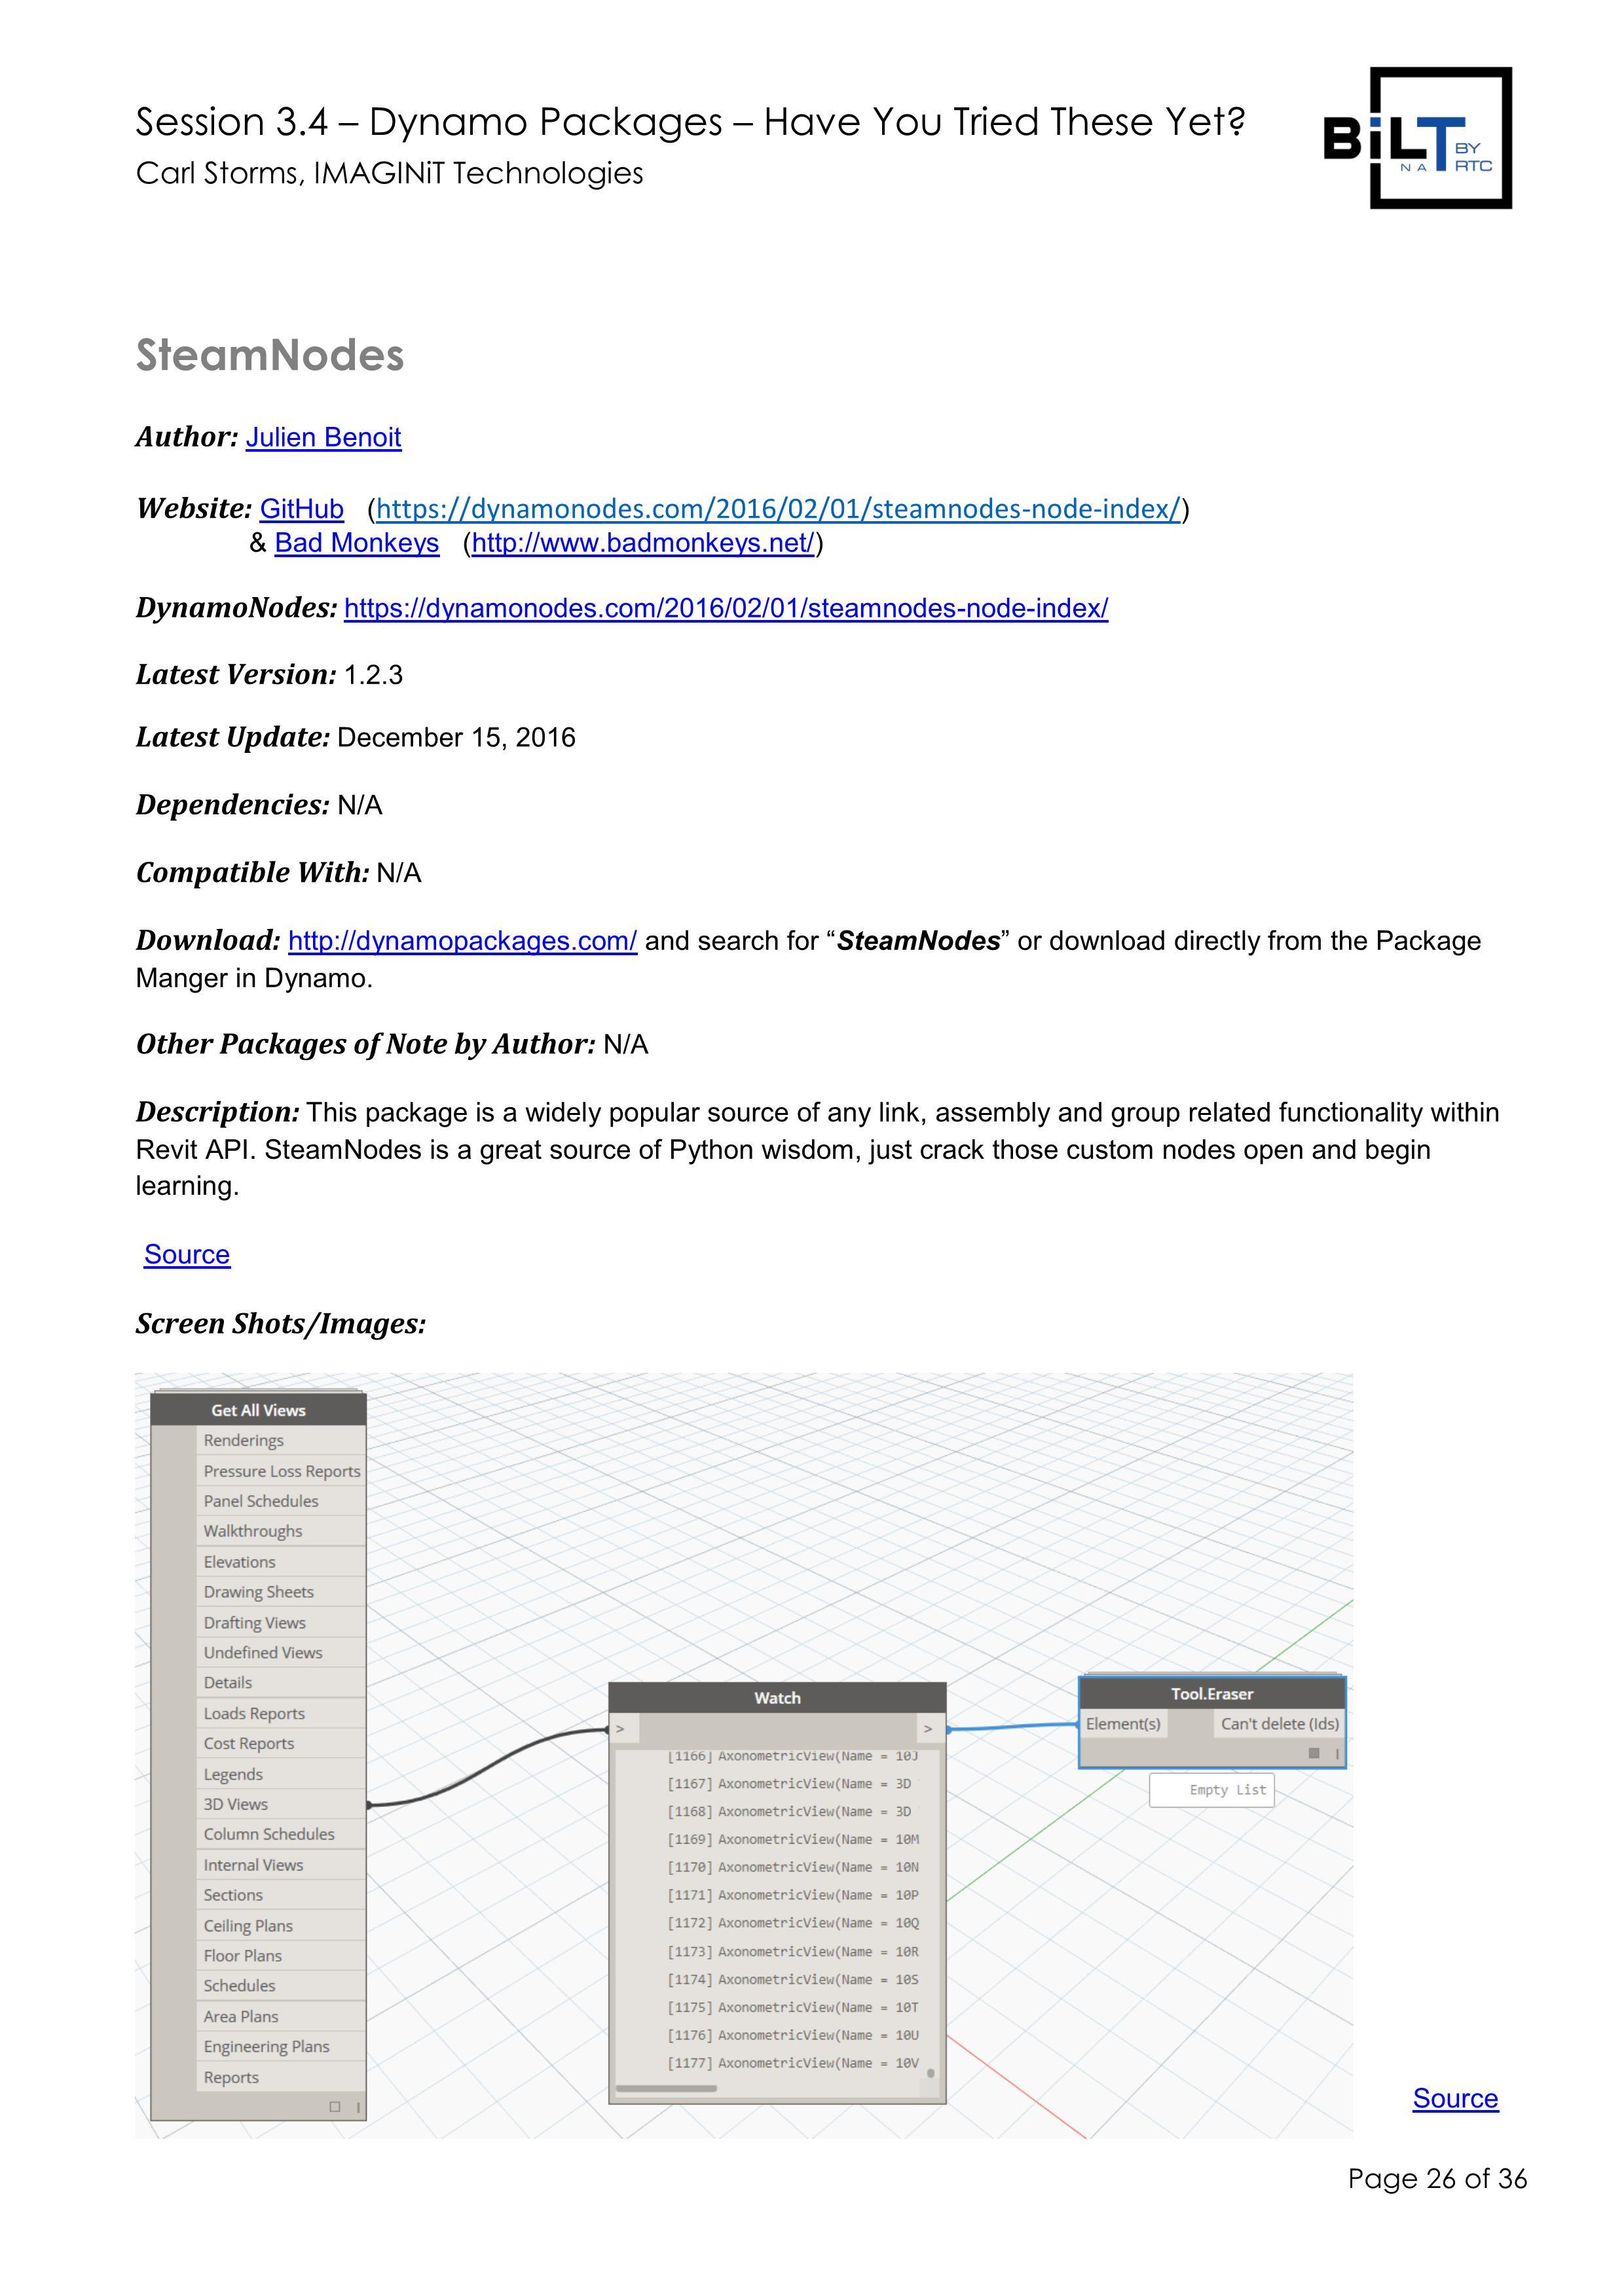 DynamoPackagesHaveYouTried Page 026.jpg